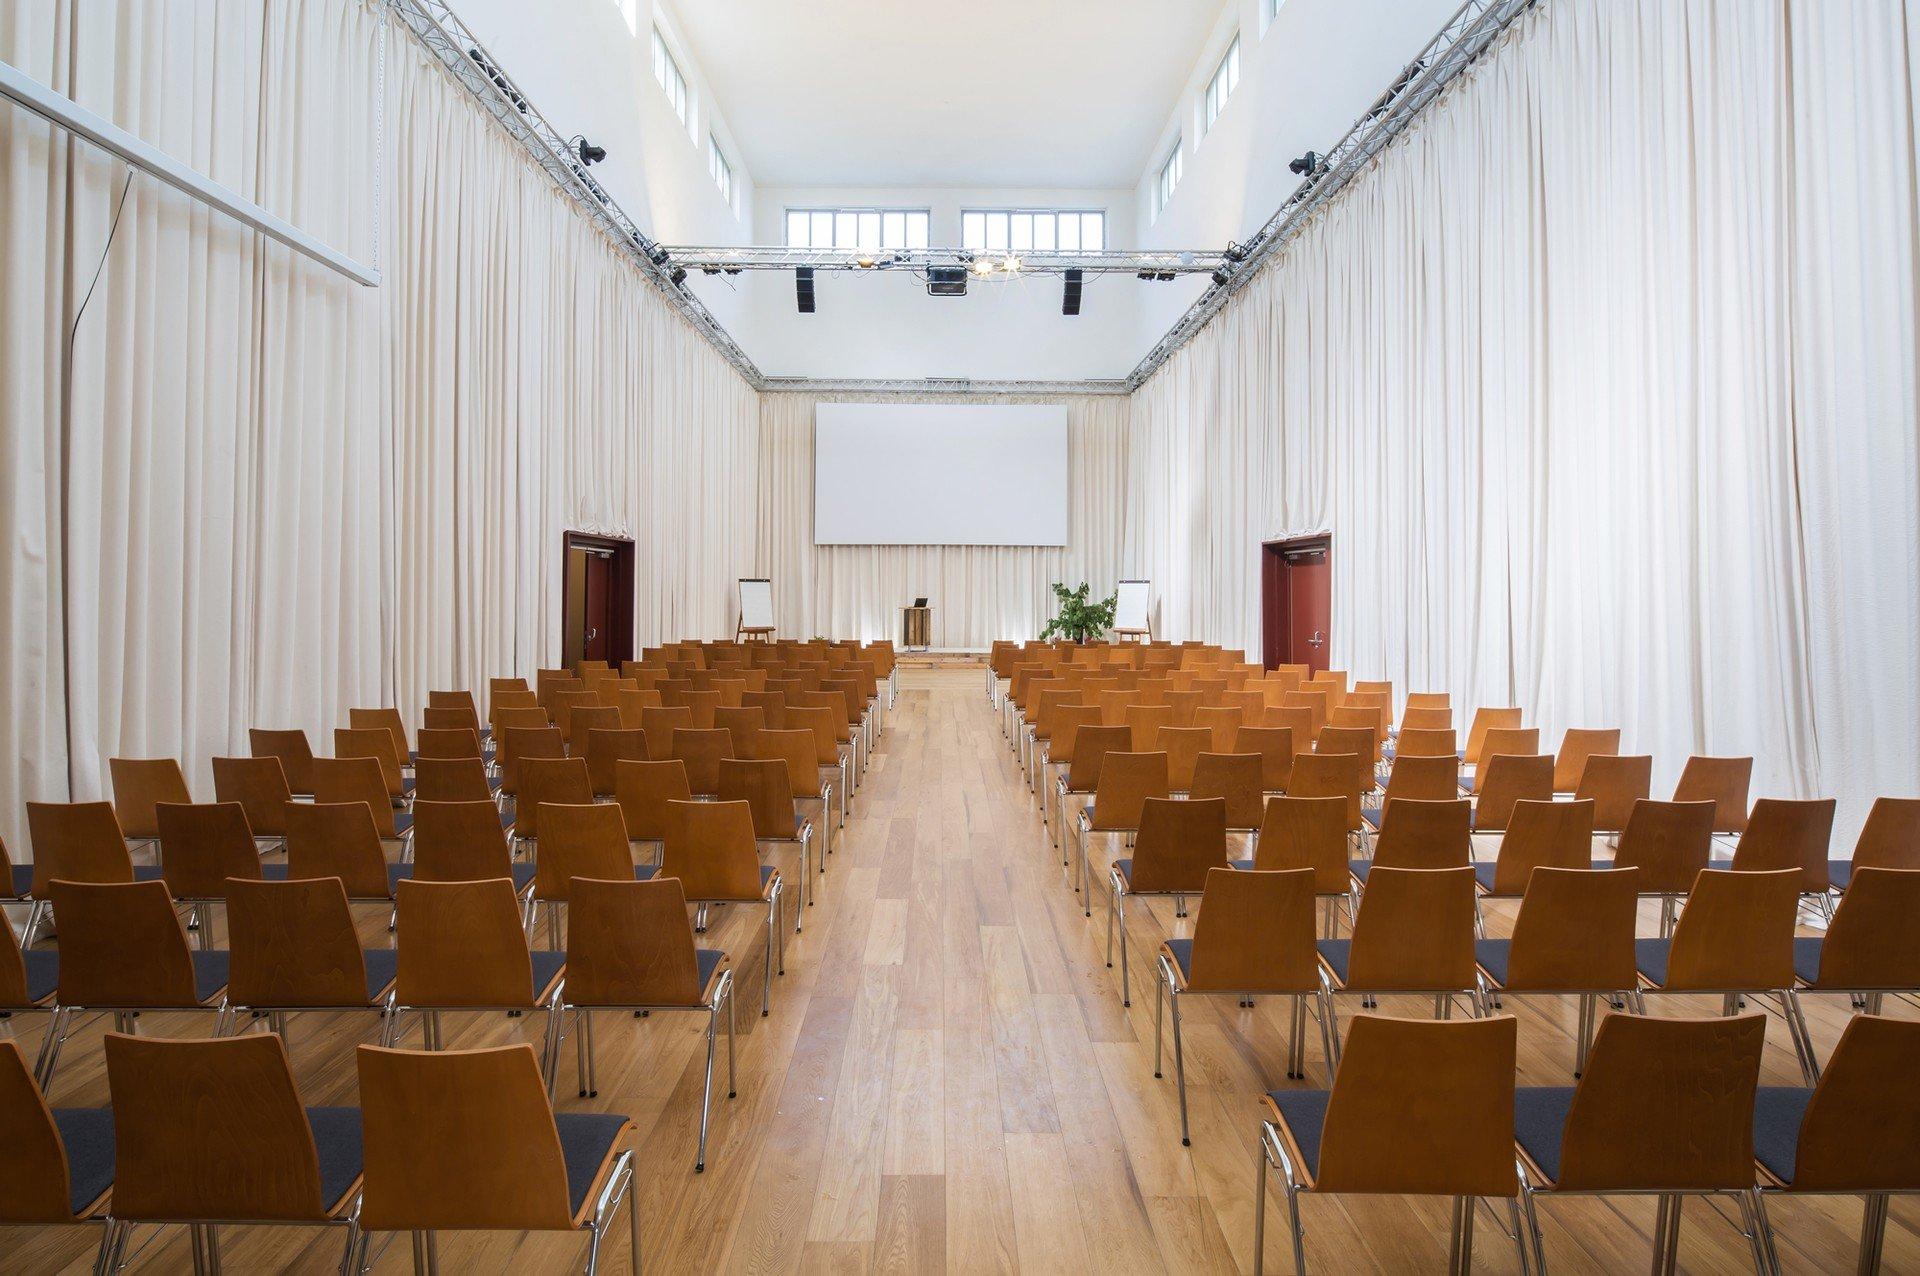 Berlin corporate event venues Salle de réunion Alte Börse Marzahn - Börsensaal image 3